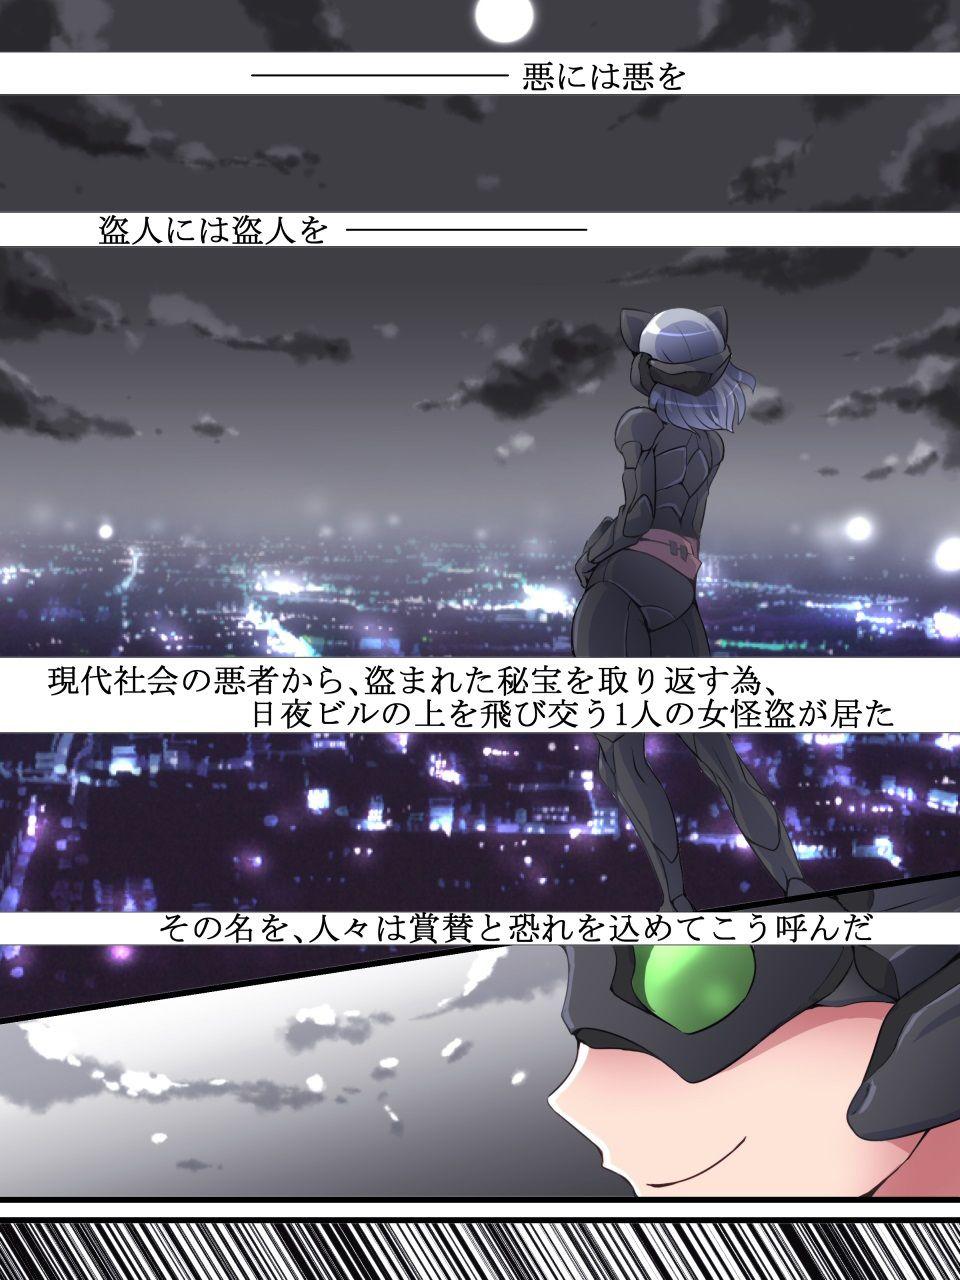 【夢かき屋 同人】怪盗シルバーキャット漫画版第1話